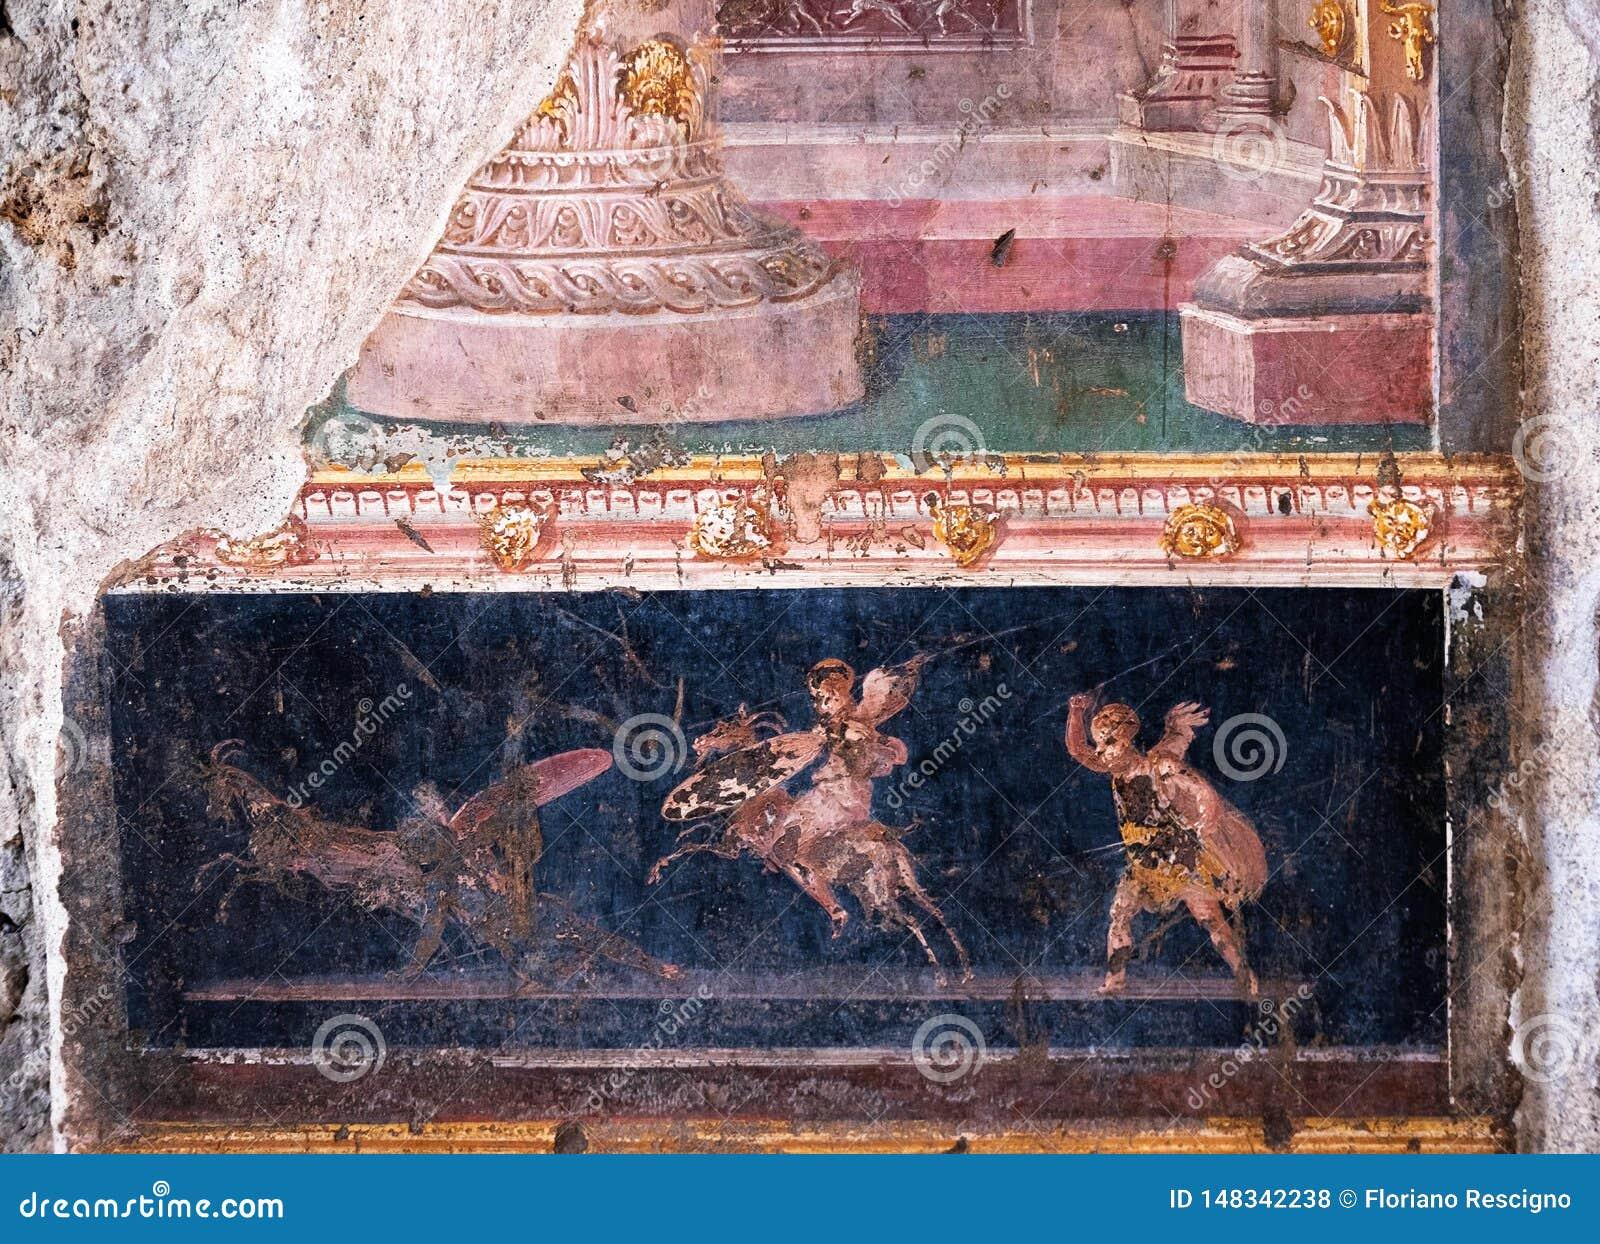 Oskrzydleni amorkowie walczą, mali bogowie antyczny Rzym w Pompeii